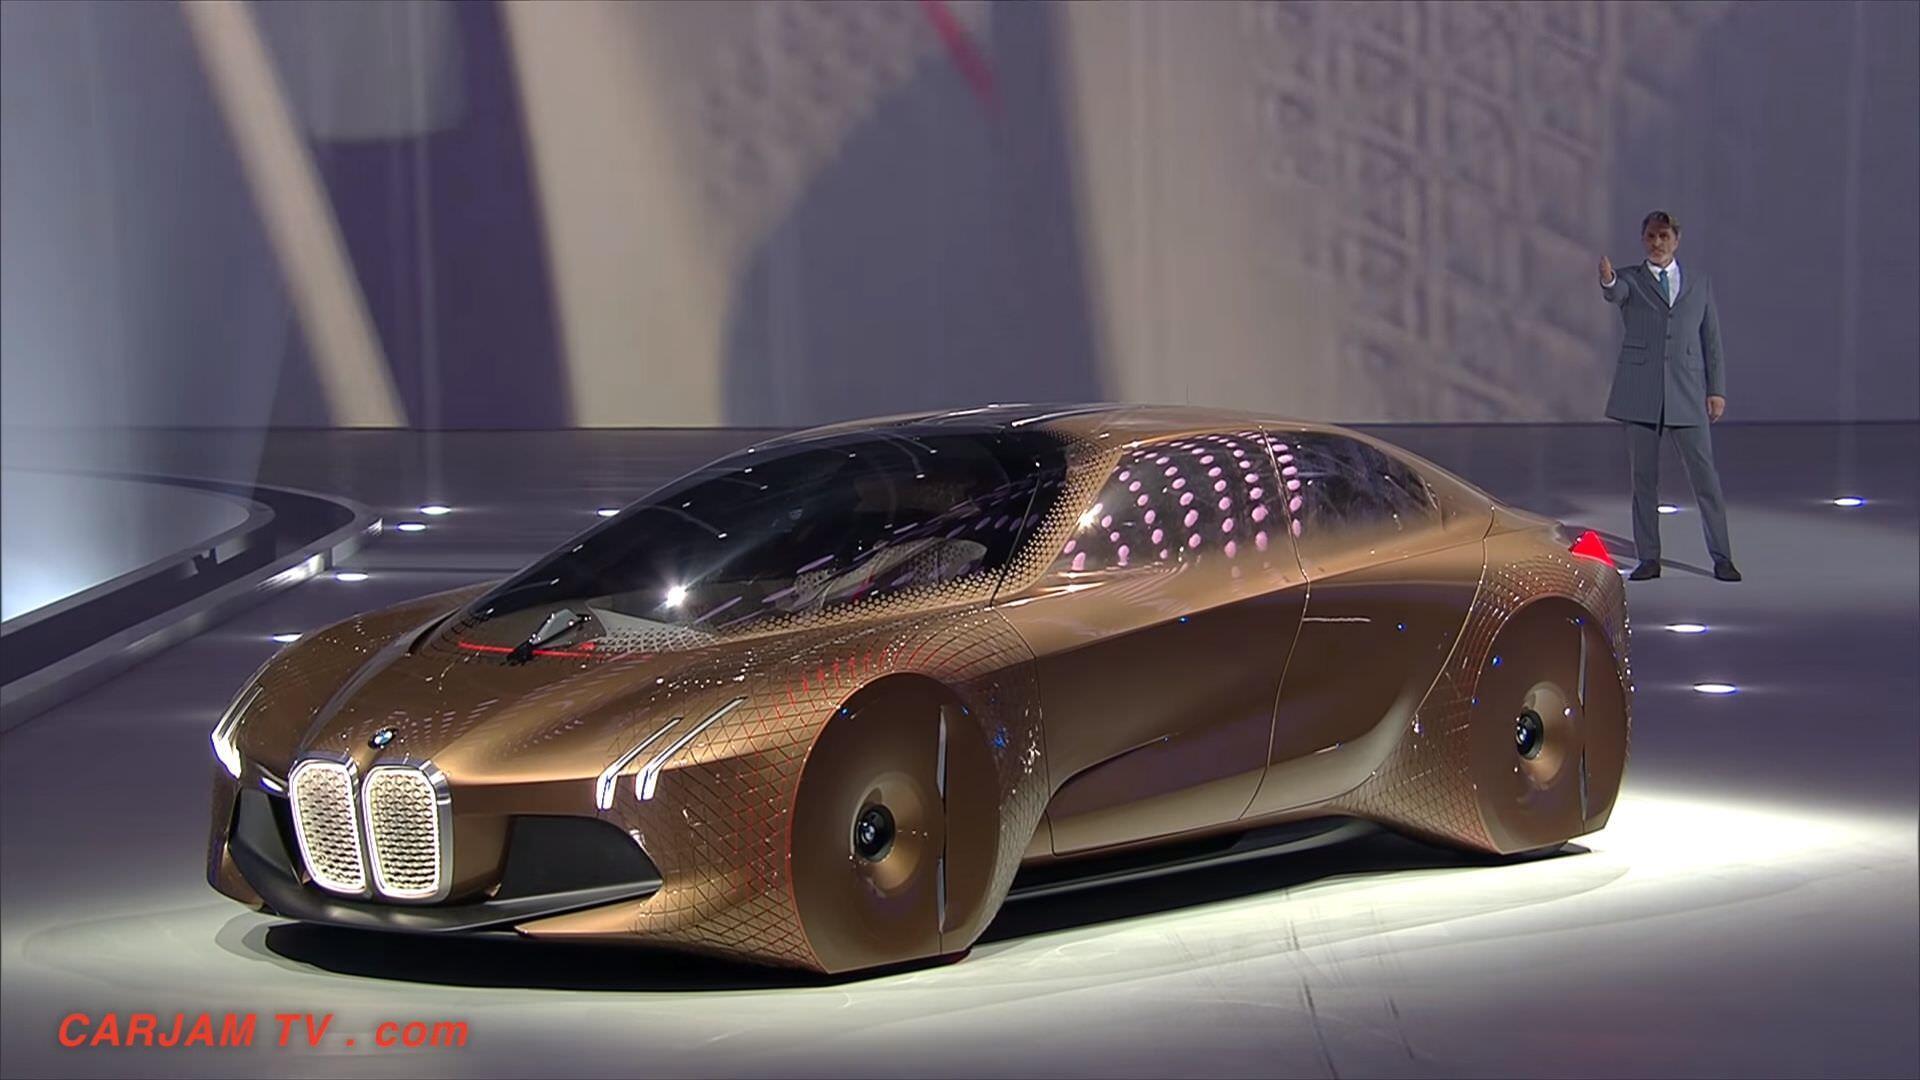 BMWのコンセプトカー「VISION NEXT 100」がものすごく未来的だった